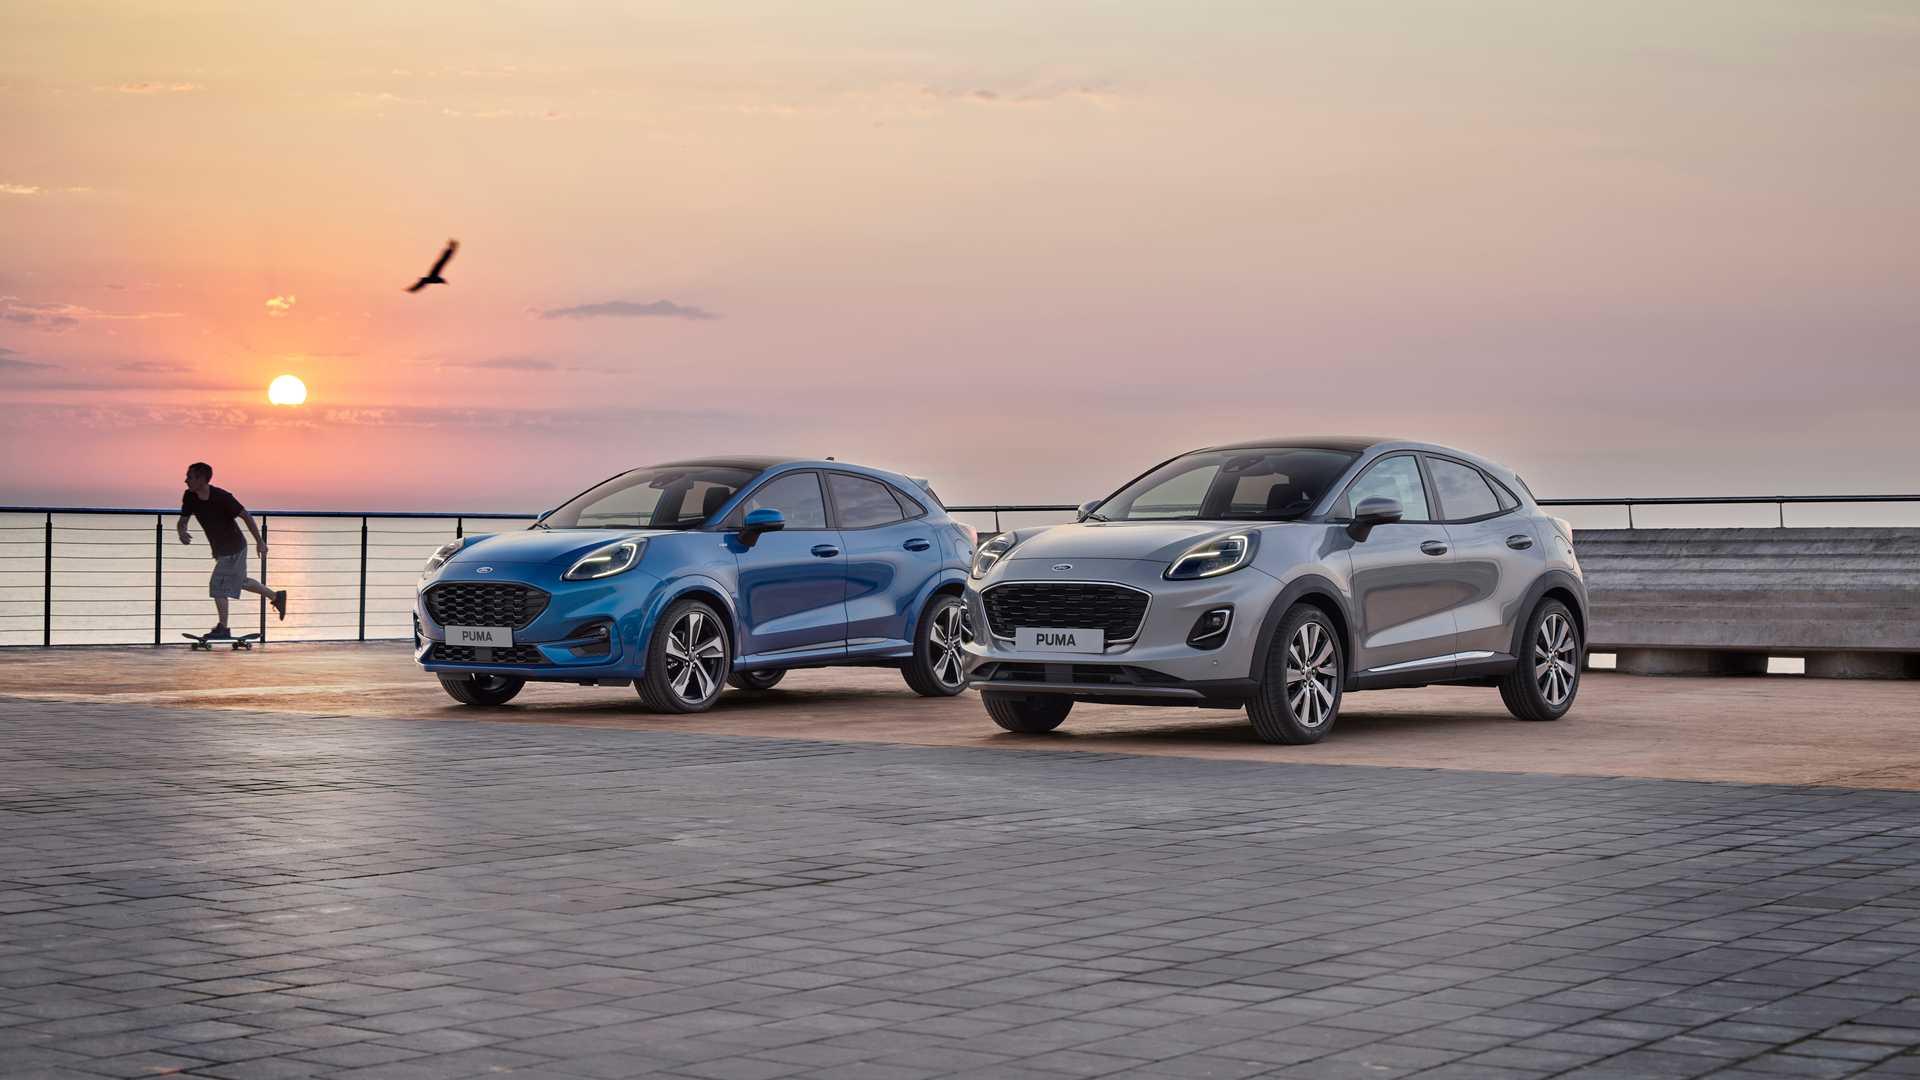 Ford Puma ra mắt phiên bản Titanium X với nhiều trang bị hiện đại - 2